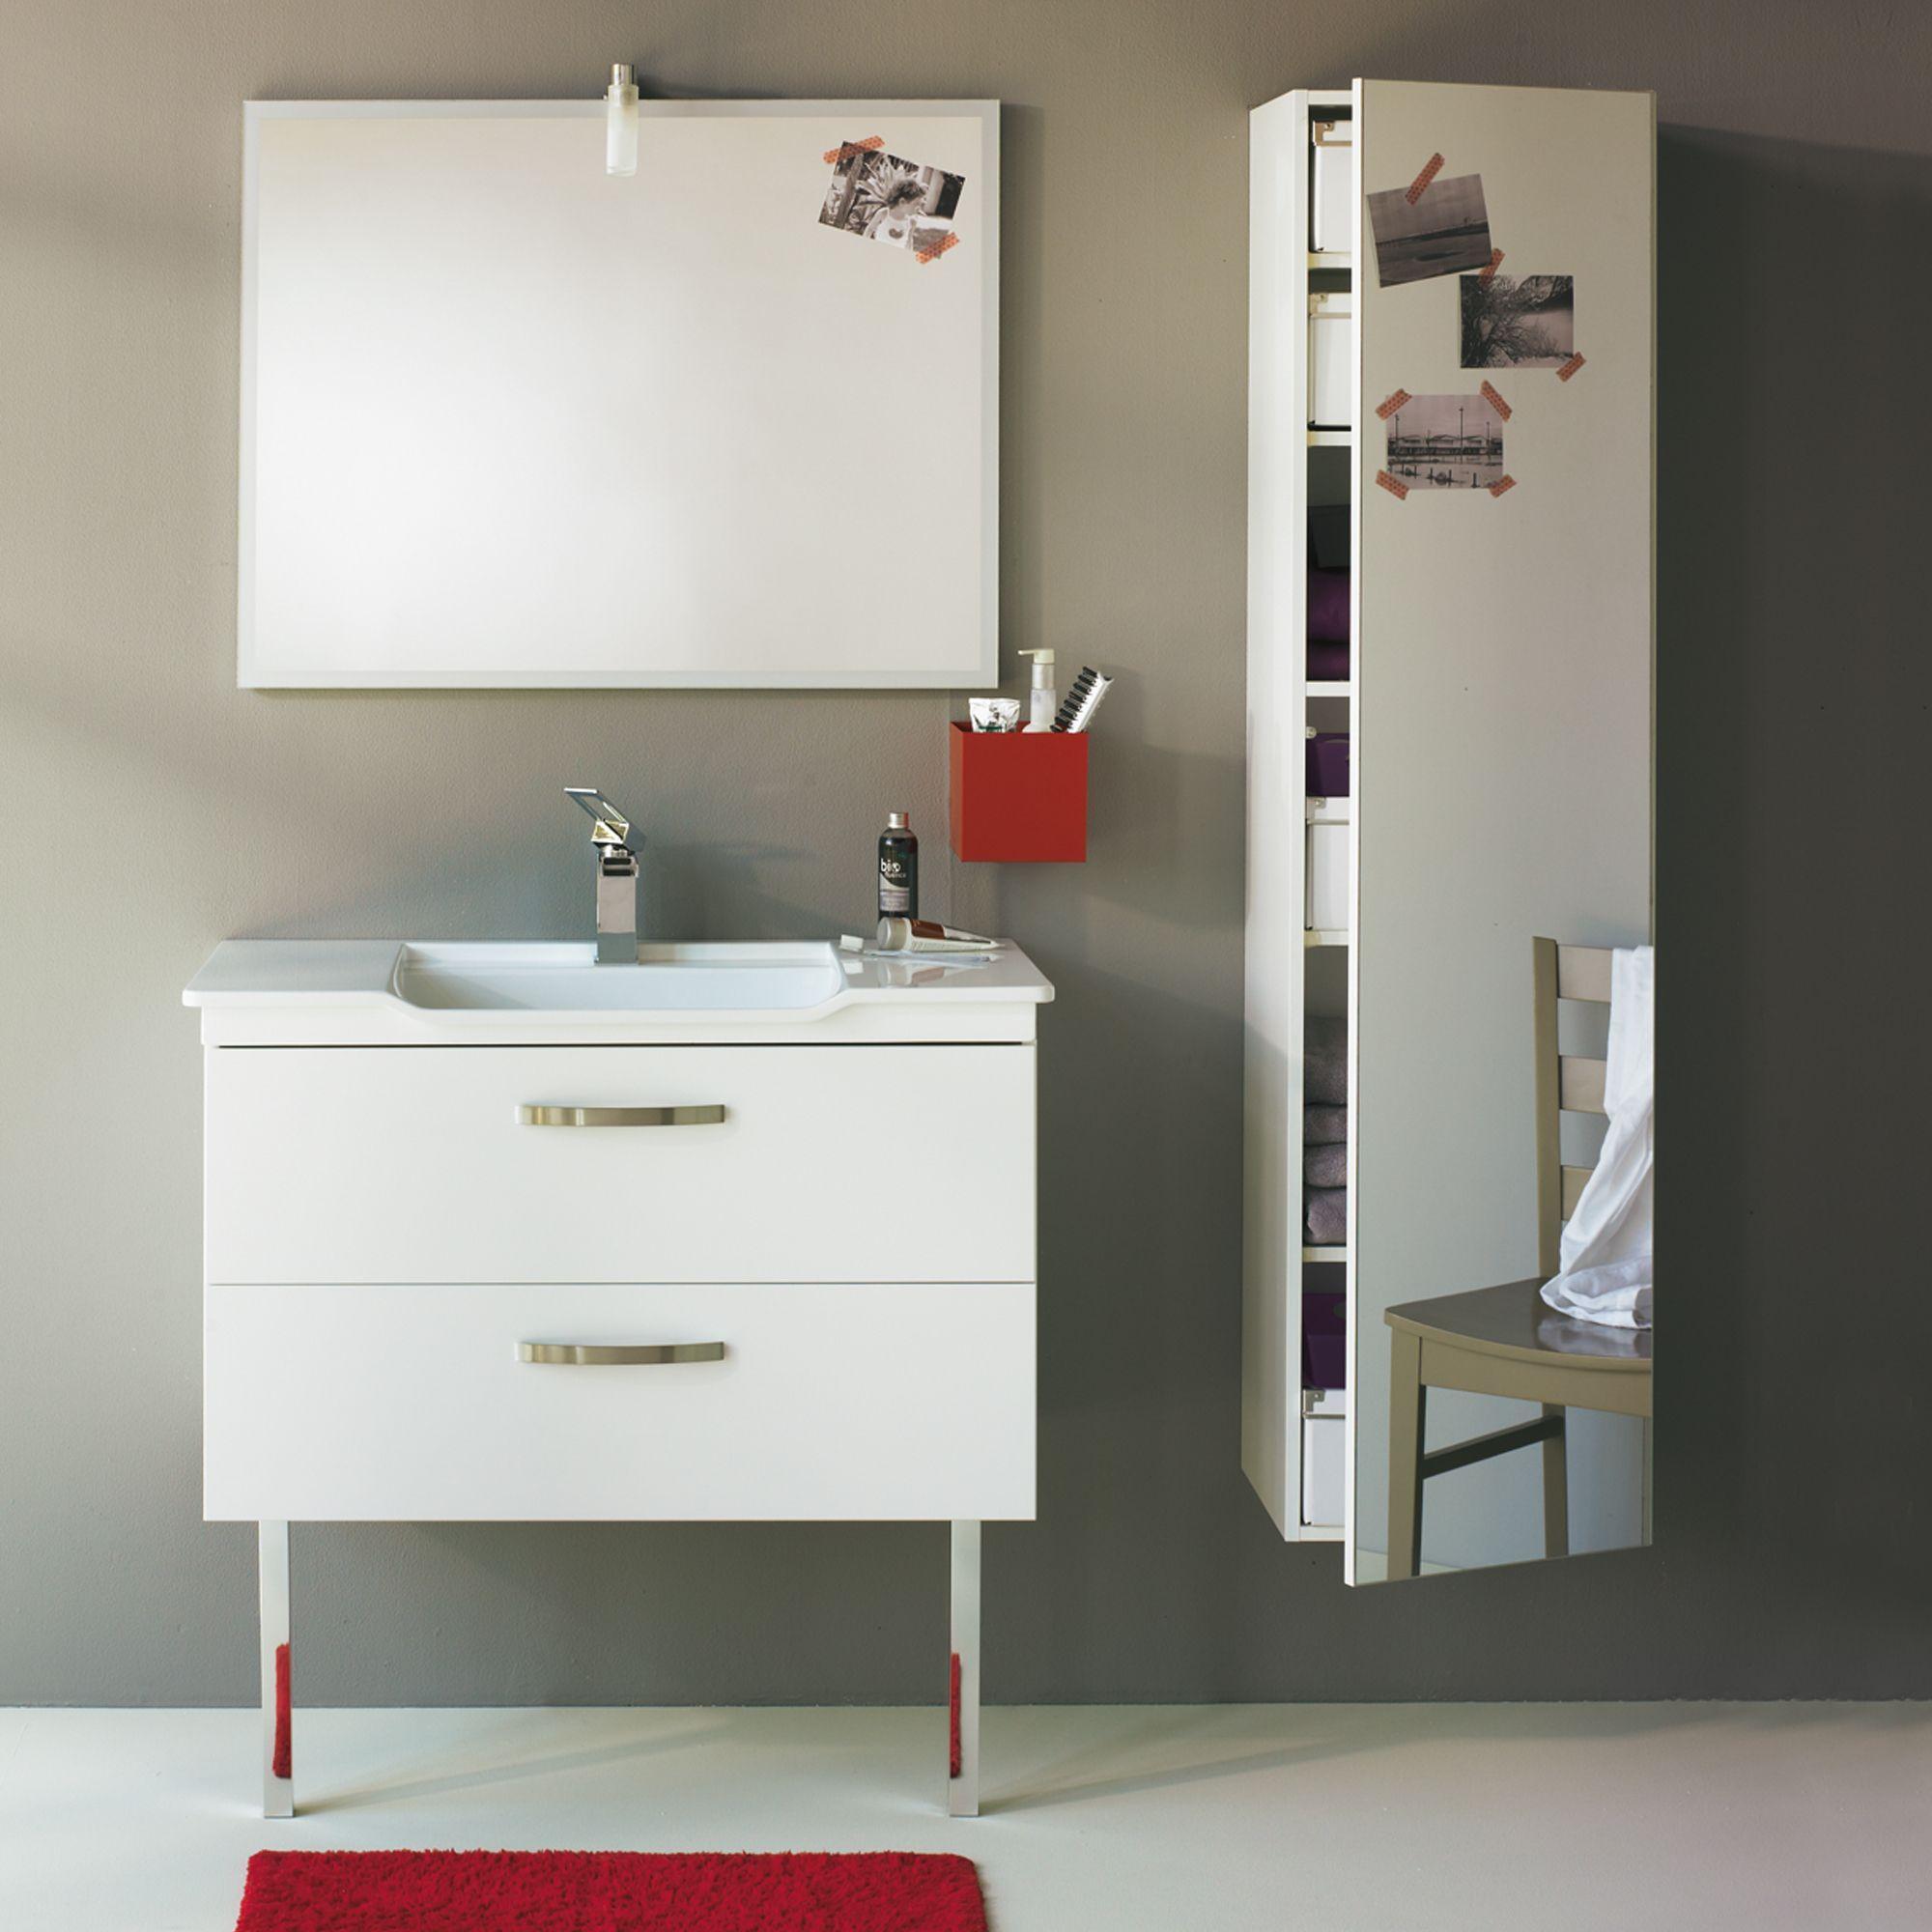 Meuble de salle de bains avec vasque en c ramique et miroir 90cm blanc luxy alin a dispo - Alinea meuble de salle de bain ...